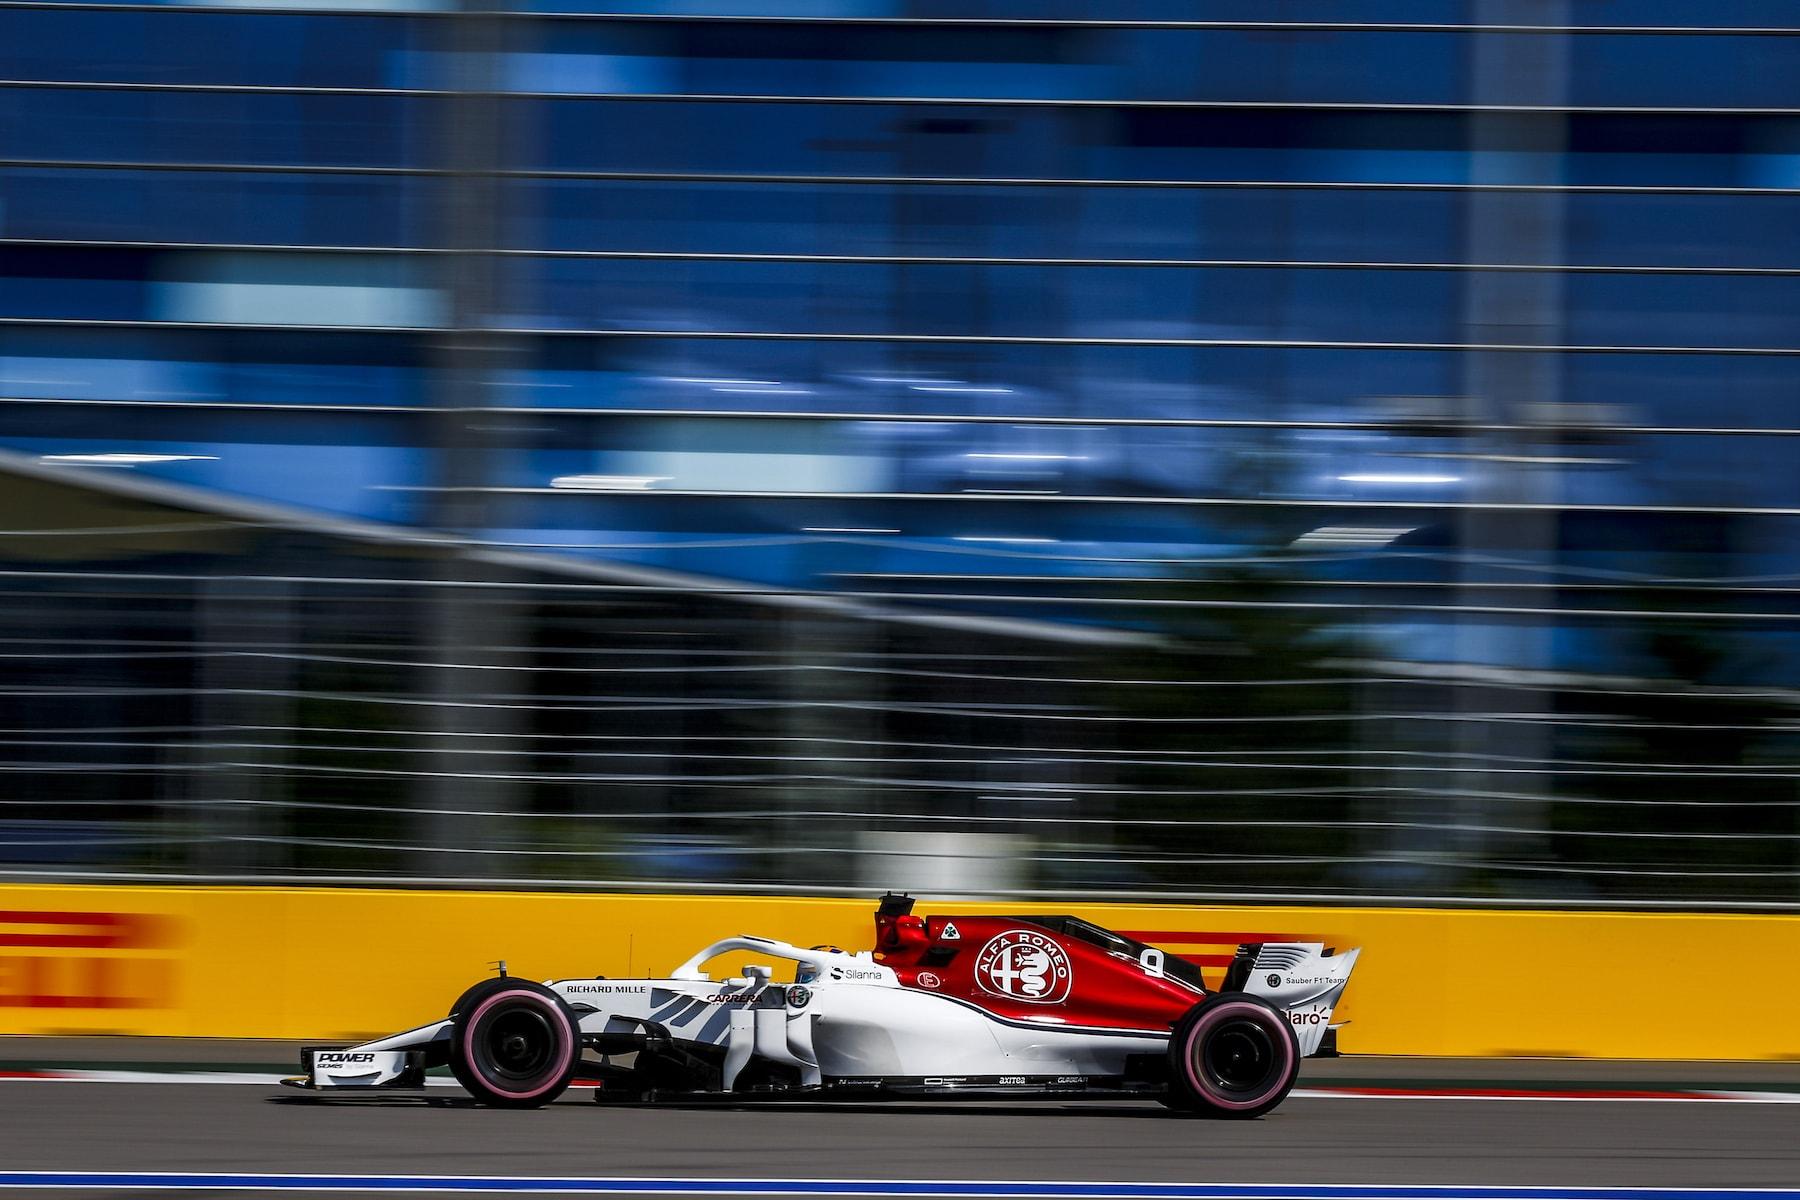 2018 Marcus Ericsson | Sauber C37 | 2018 Russian GP Q2 1 copy.jpg